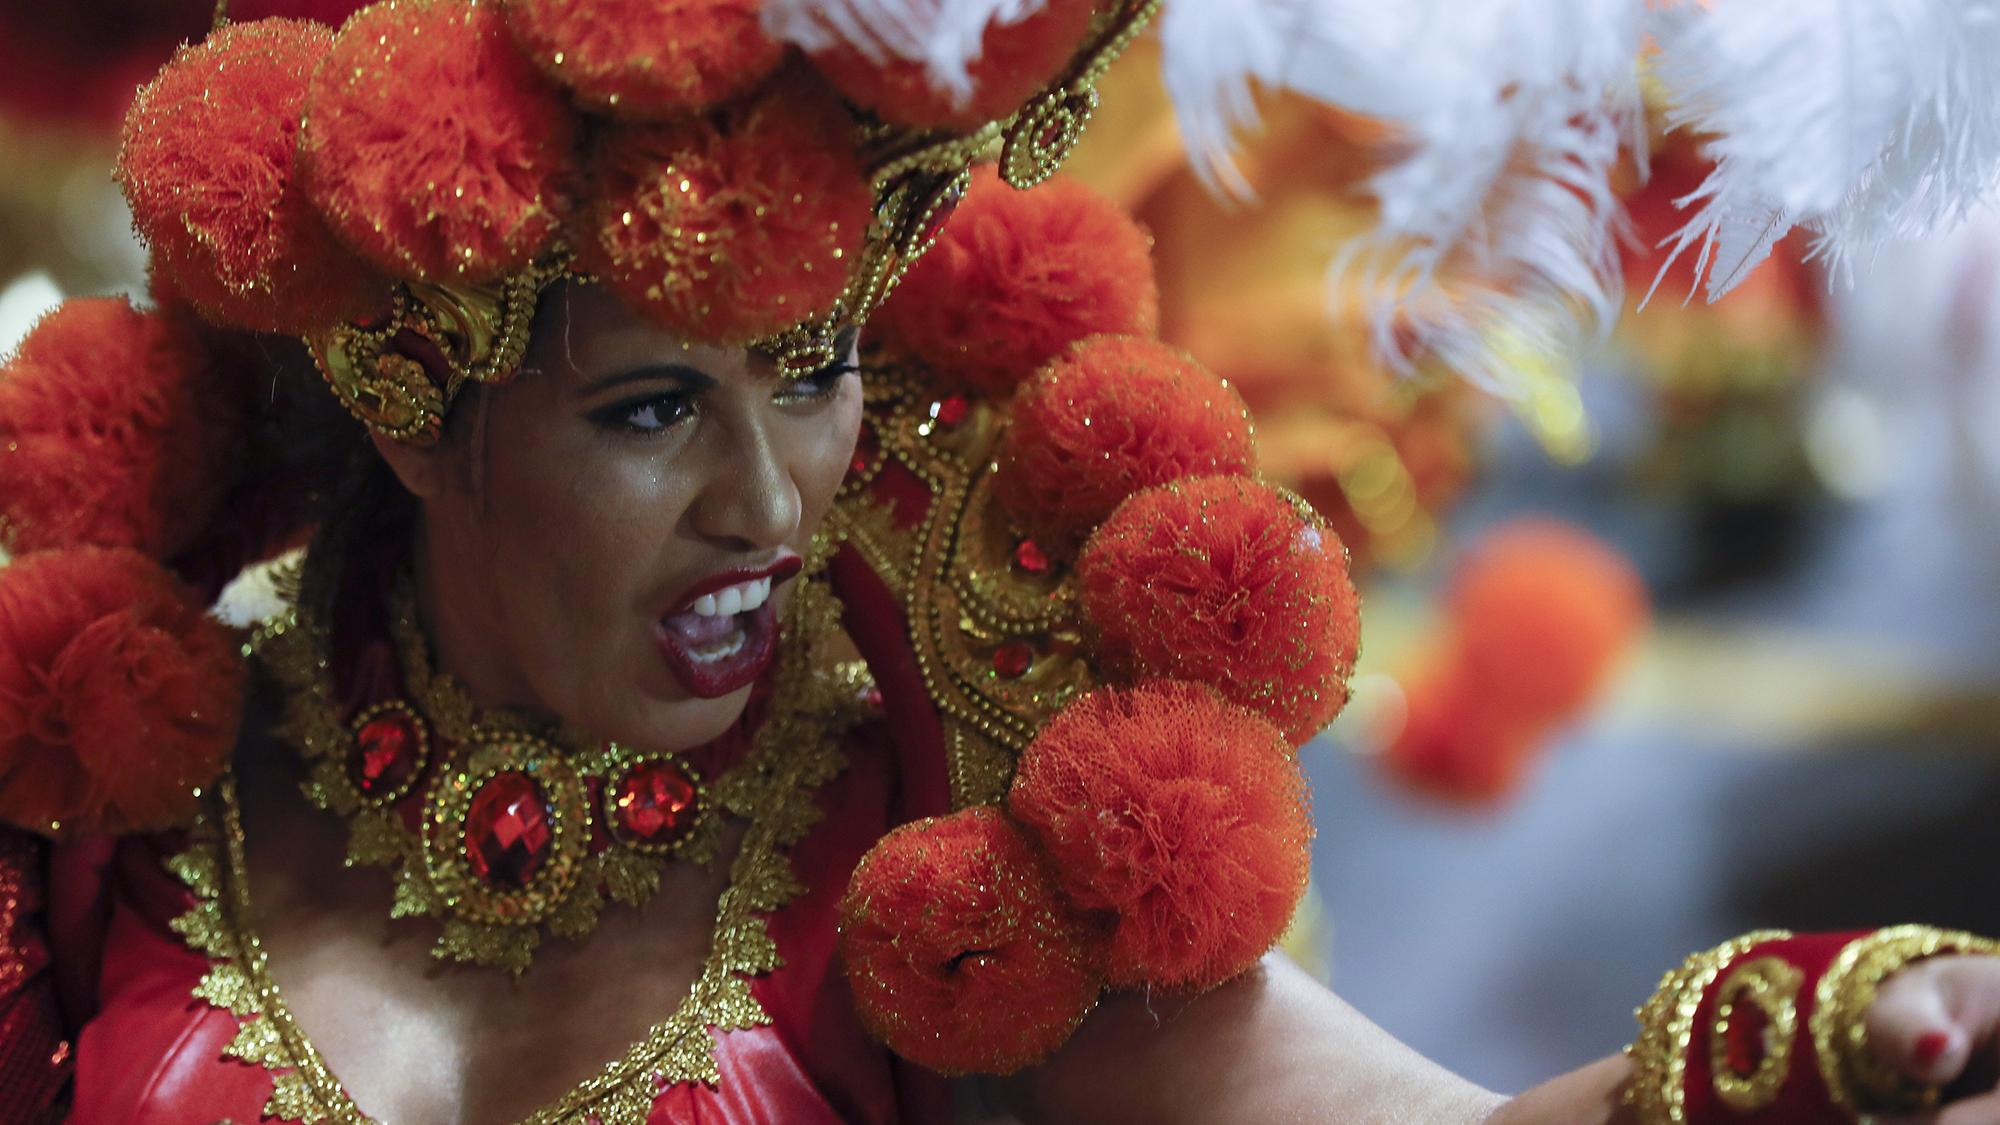 Carnaval en Sao Paulo - BRA66. SAO PAULO (BRASIL), 11/02/2018.- Integrantes de la escuela de samba del Grupo Especial Mocidade Alegre participan en la celebraci�n del carnaval hoy, domingo 11 de febrero de 2018, en el samb�dromo de Anhemb� en Sao Paulo (Brasil). EFE/Sebasti�o Moreira